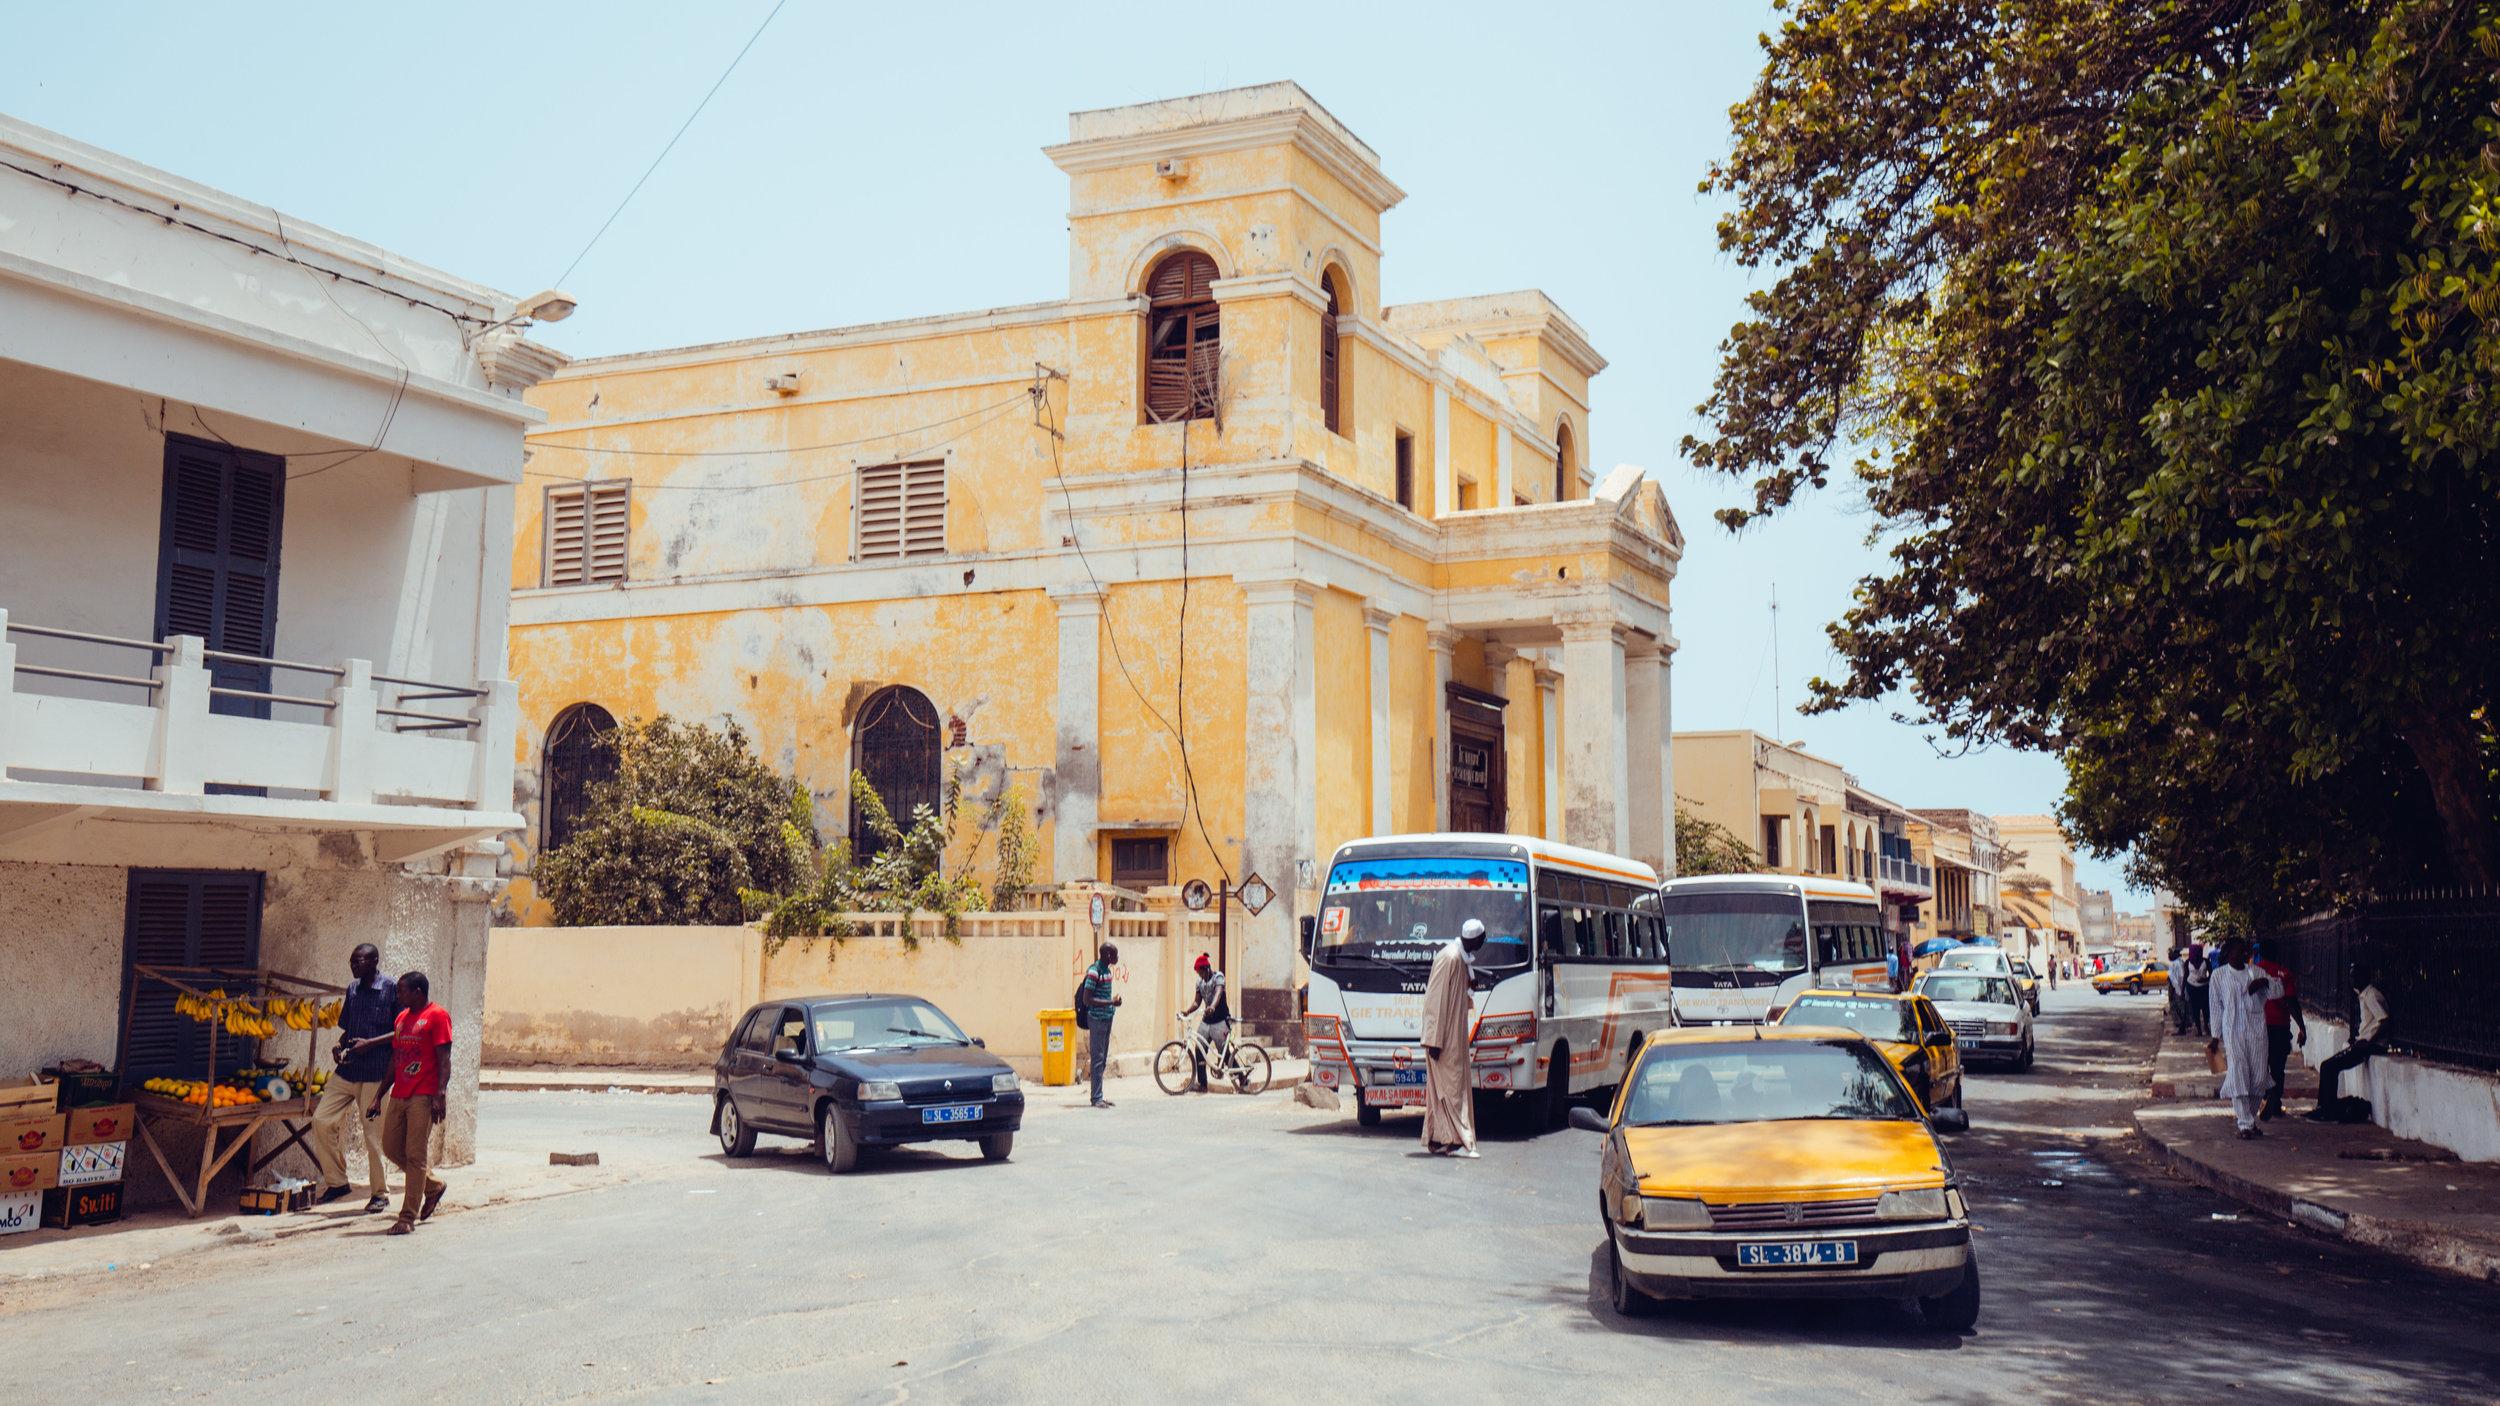 Senegal-16-9-39.jpg